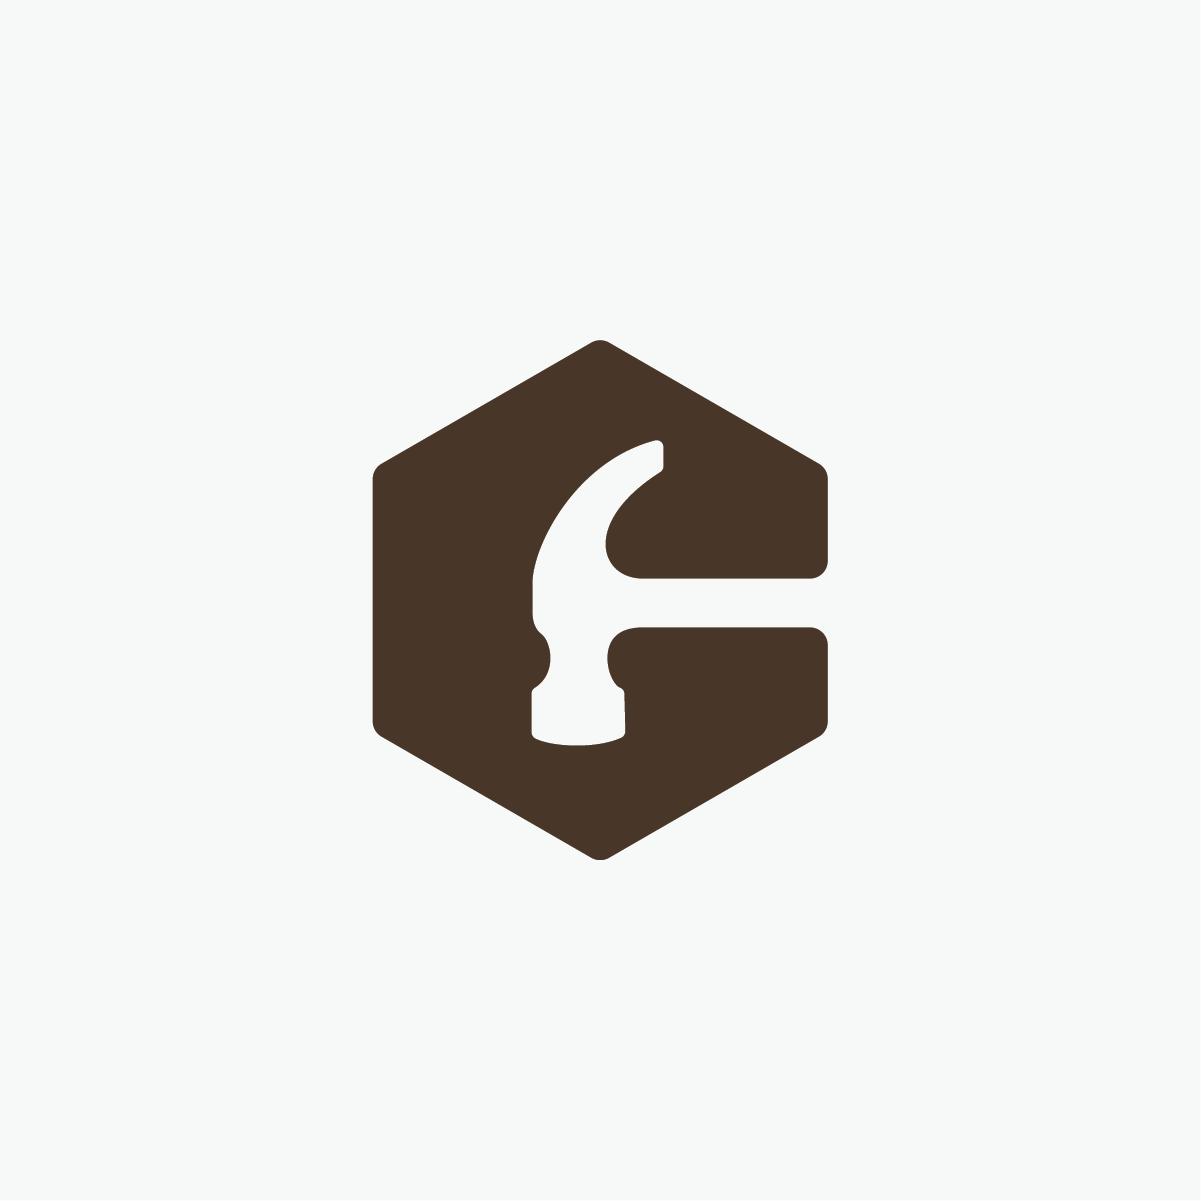 JD_Logos-05.png